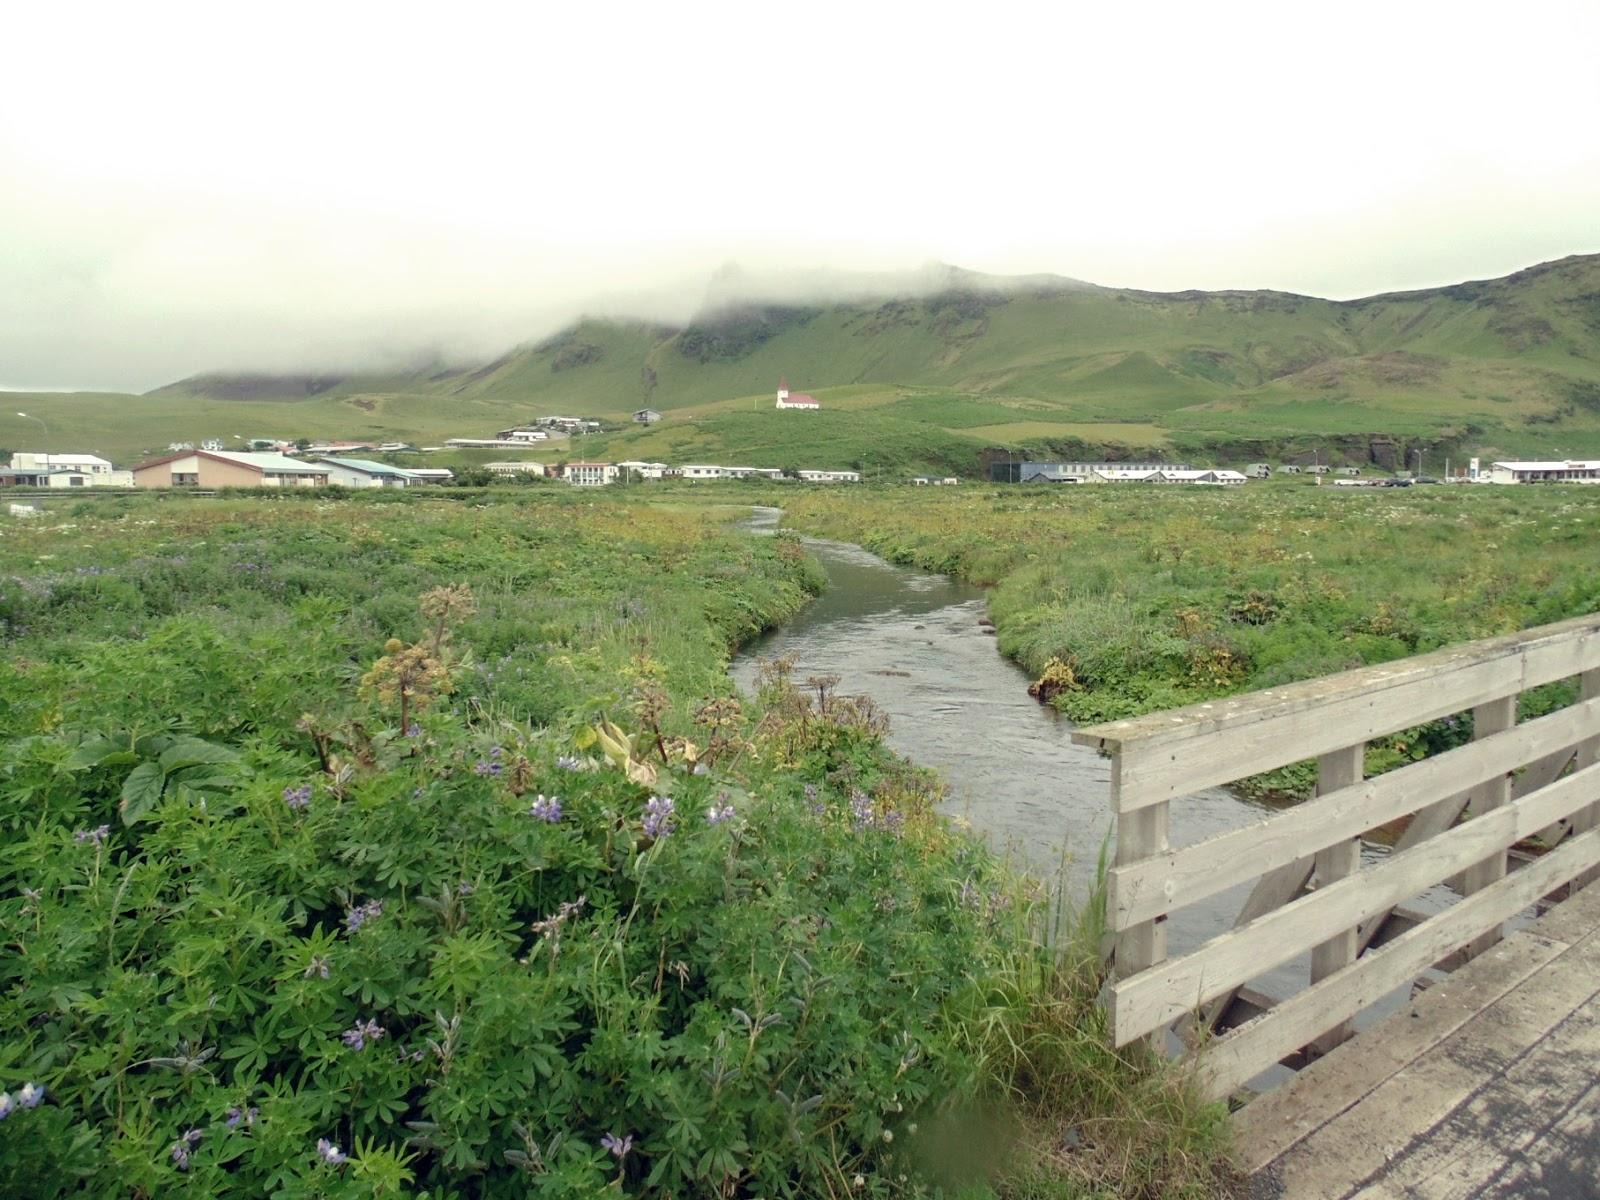 miasteczko Vik, Vik i Myrdal, islandzkie miasteczko, Islandia, południowa Islandia, Brzydka Islandia